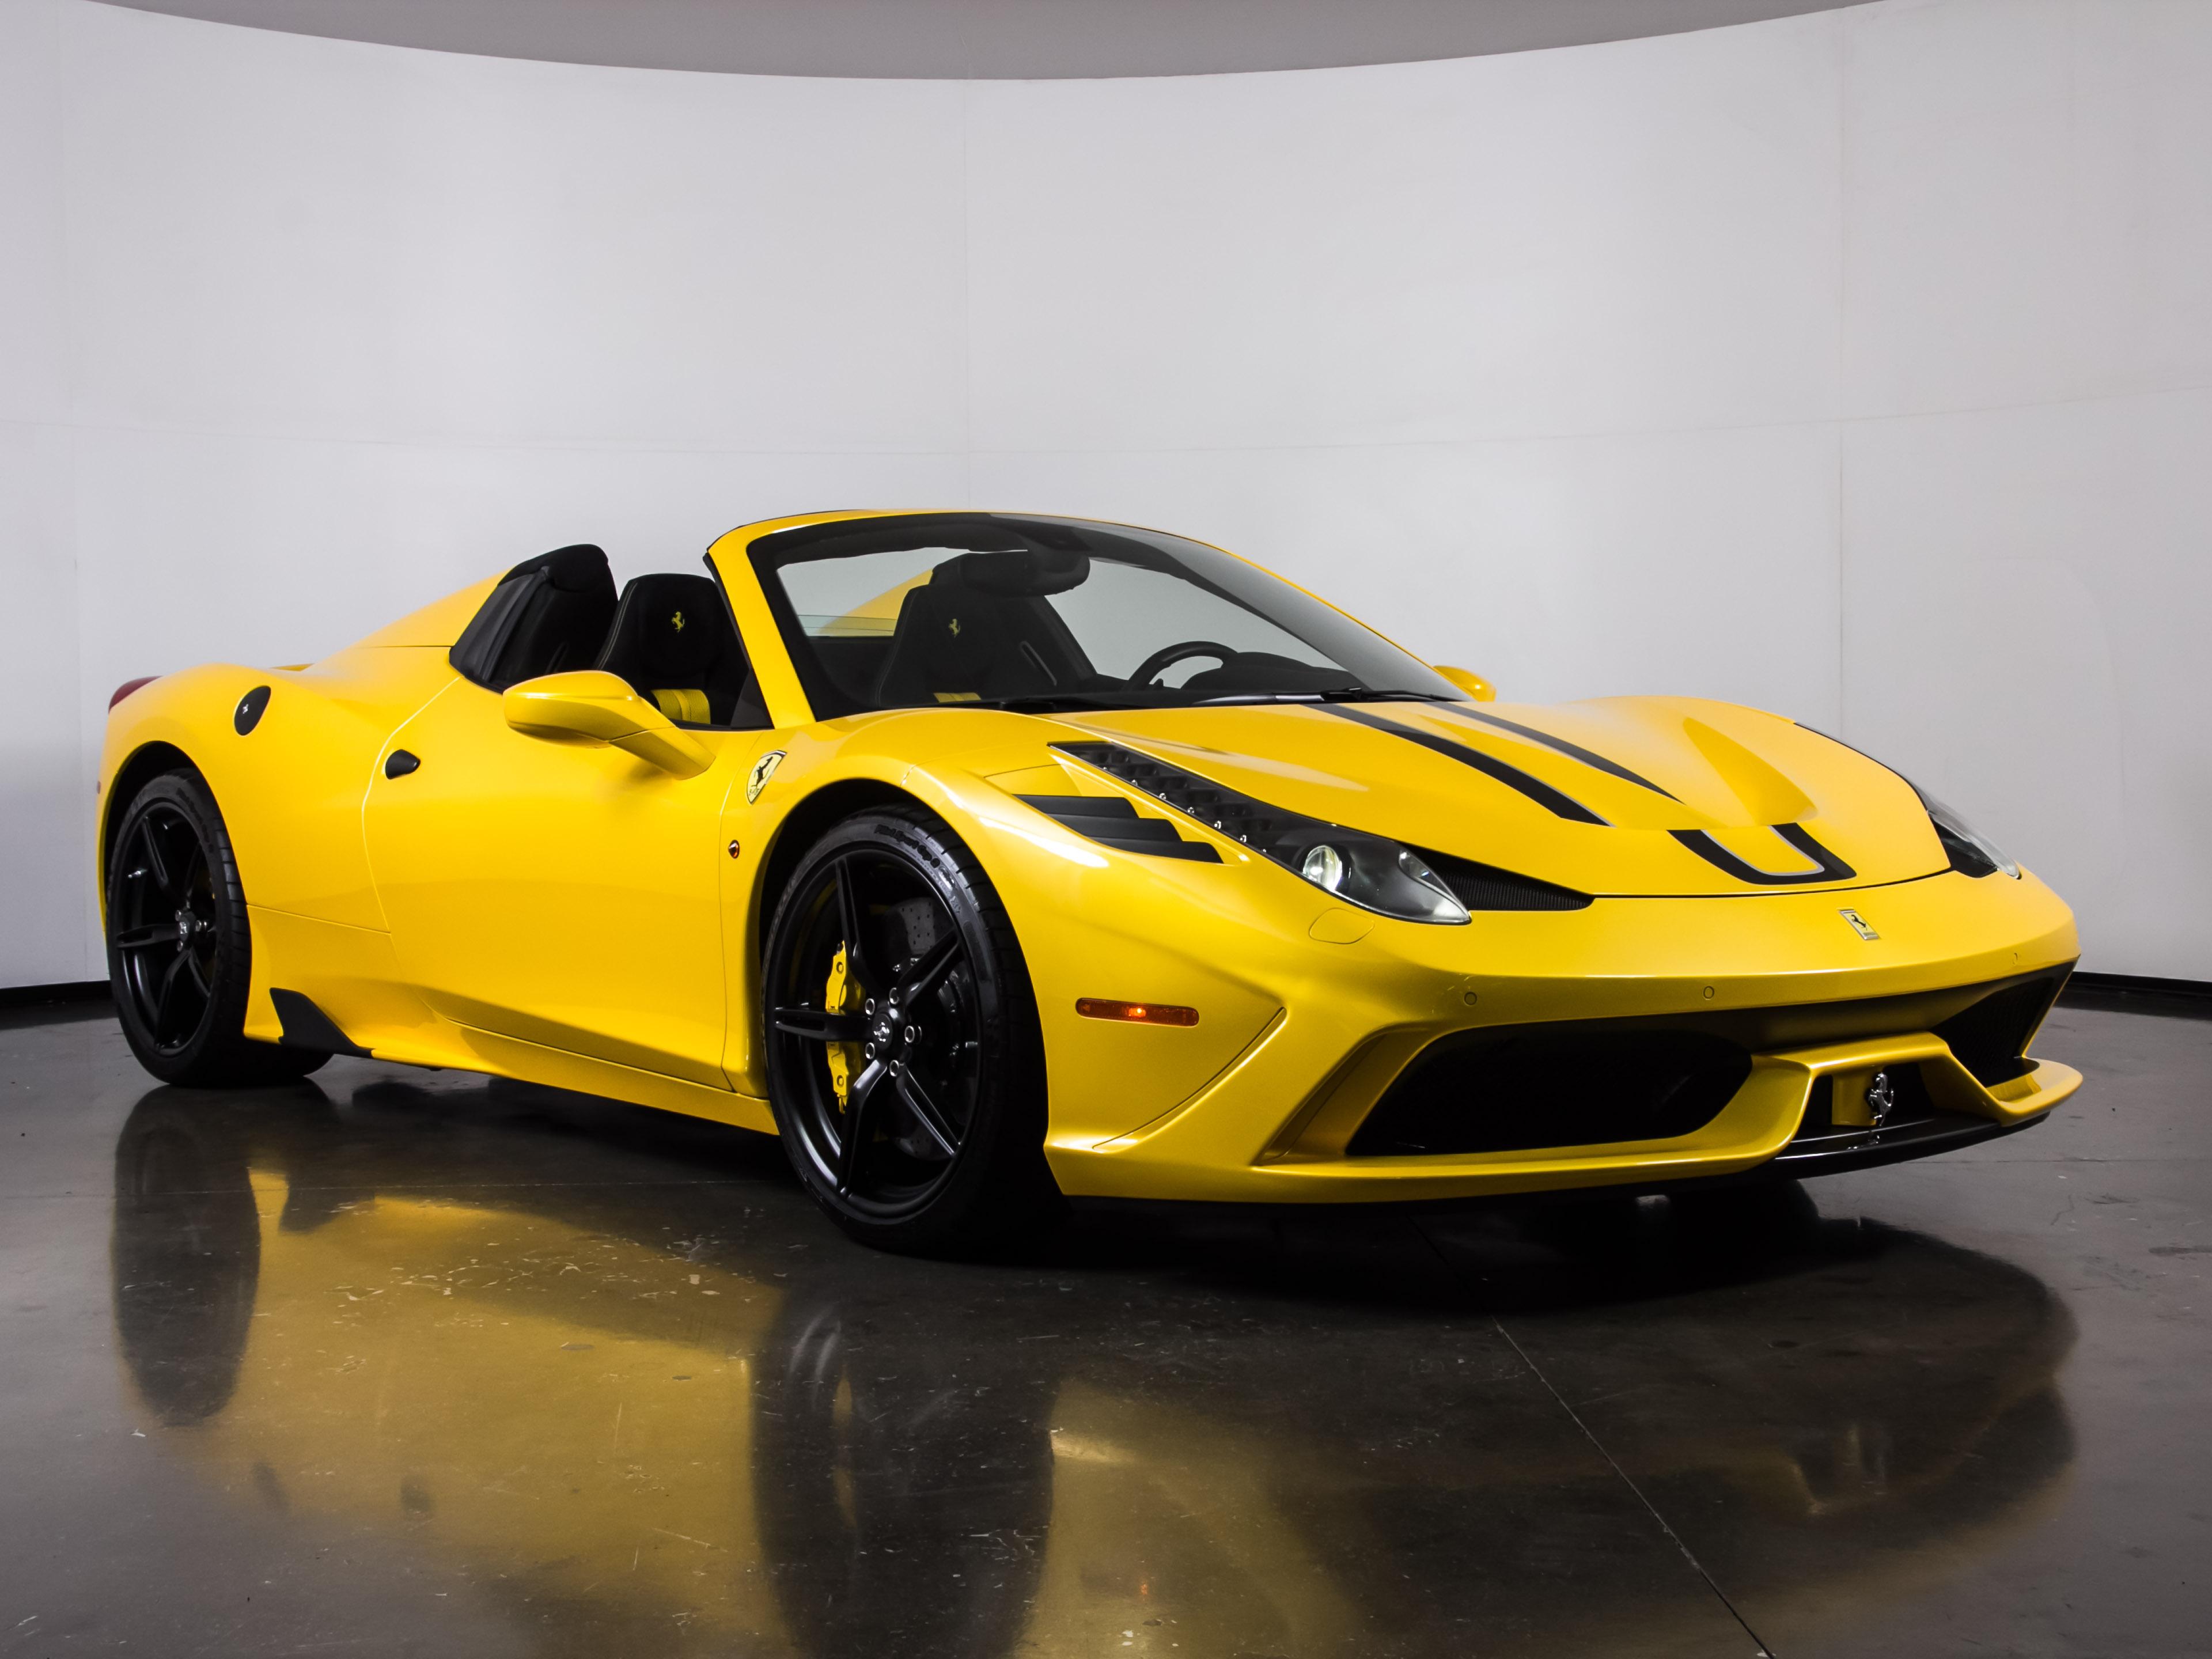 2015 Ferrari 458 Speciale >> Used 2015 Ferrari 458 Speciale A For Sale Plano Tx Vin Zff78vha7f0212406